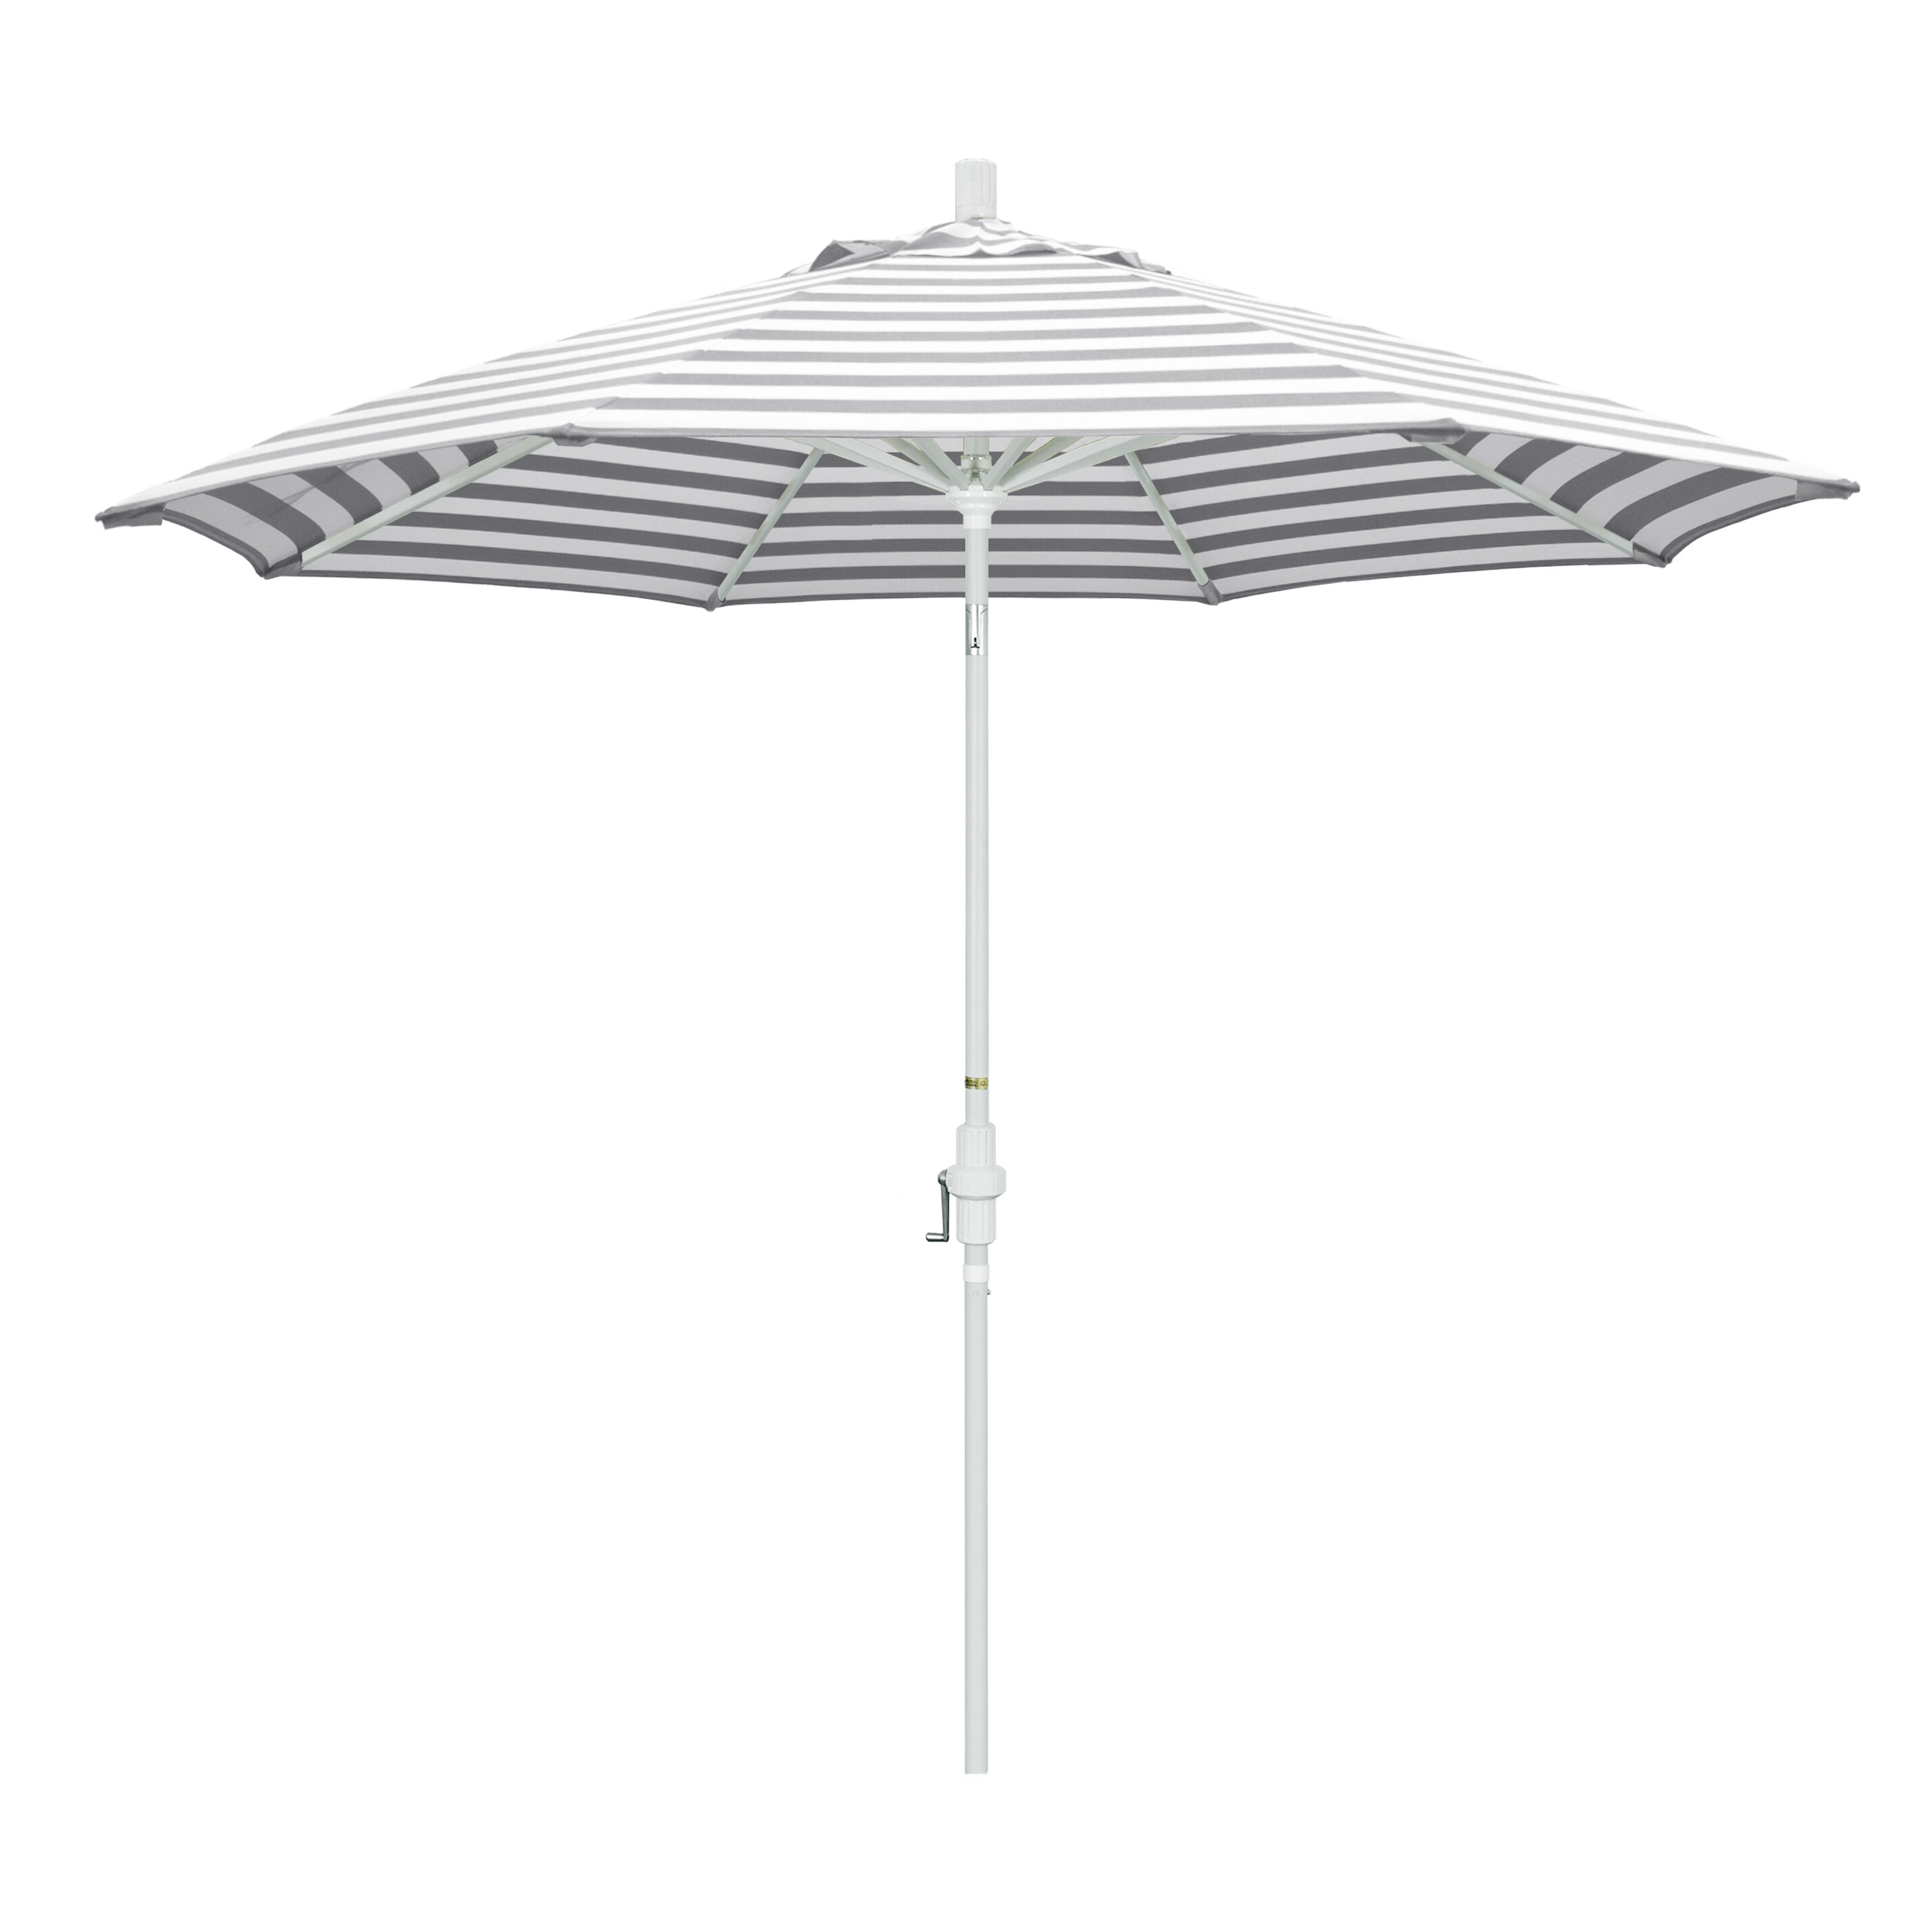 9' Market Umbrella Regarding 2019 Carina Market Umbrellas (View 2 of 20)